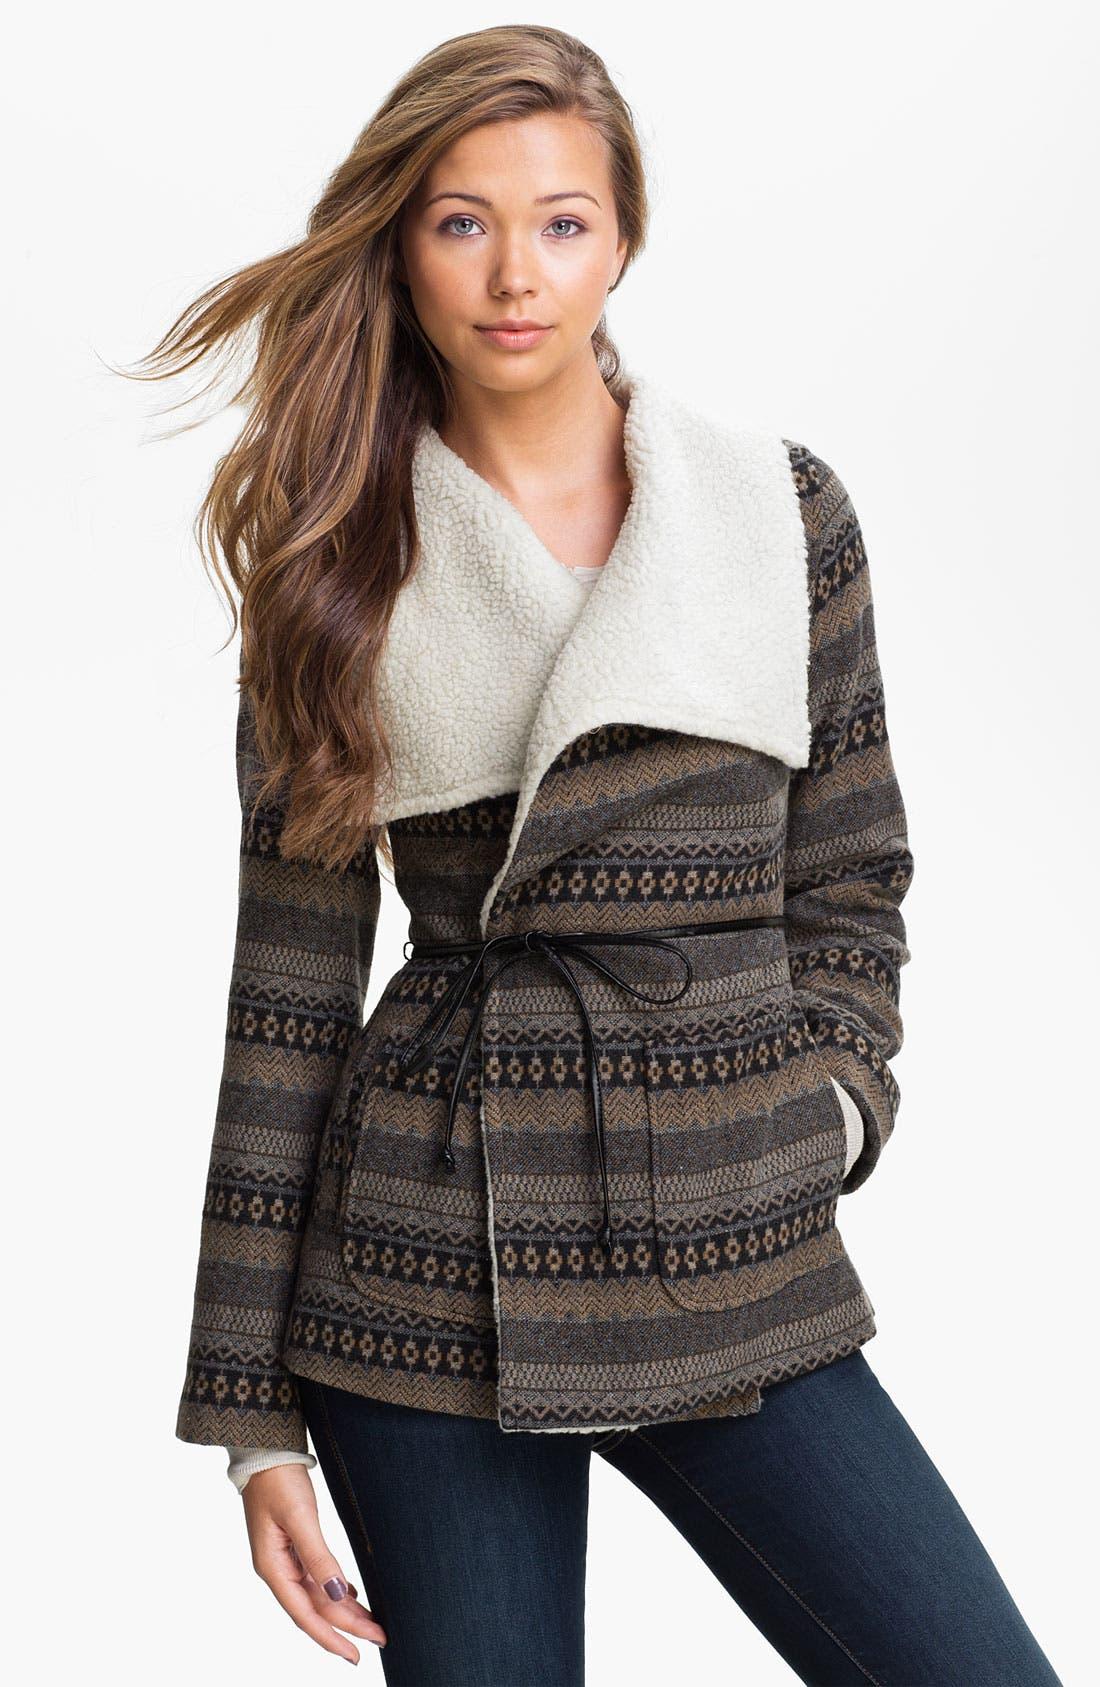 Alternate Image 1 Selected - Jolt Faux Shearling Collar Blanket Coat (Juniors)